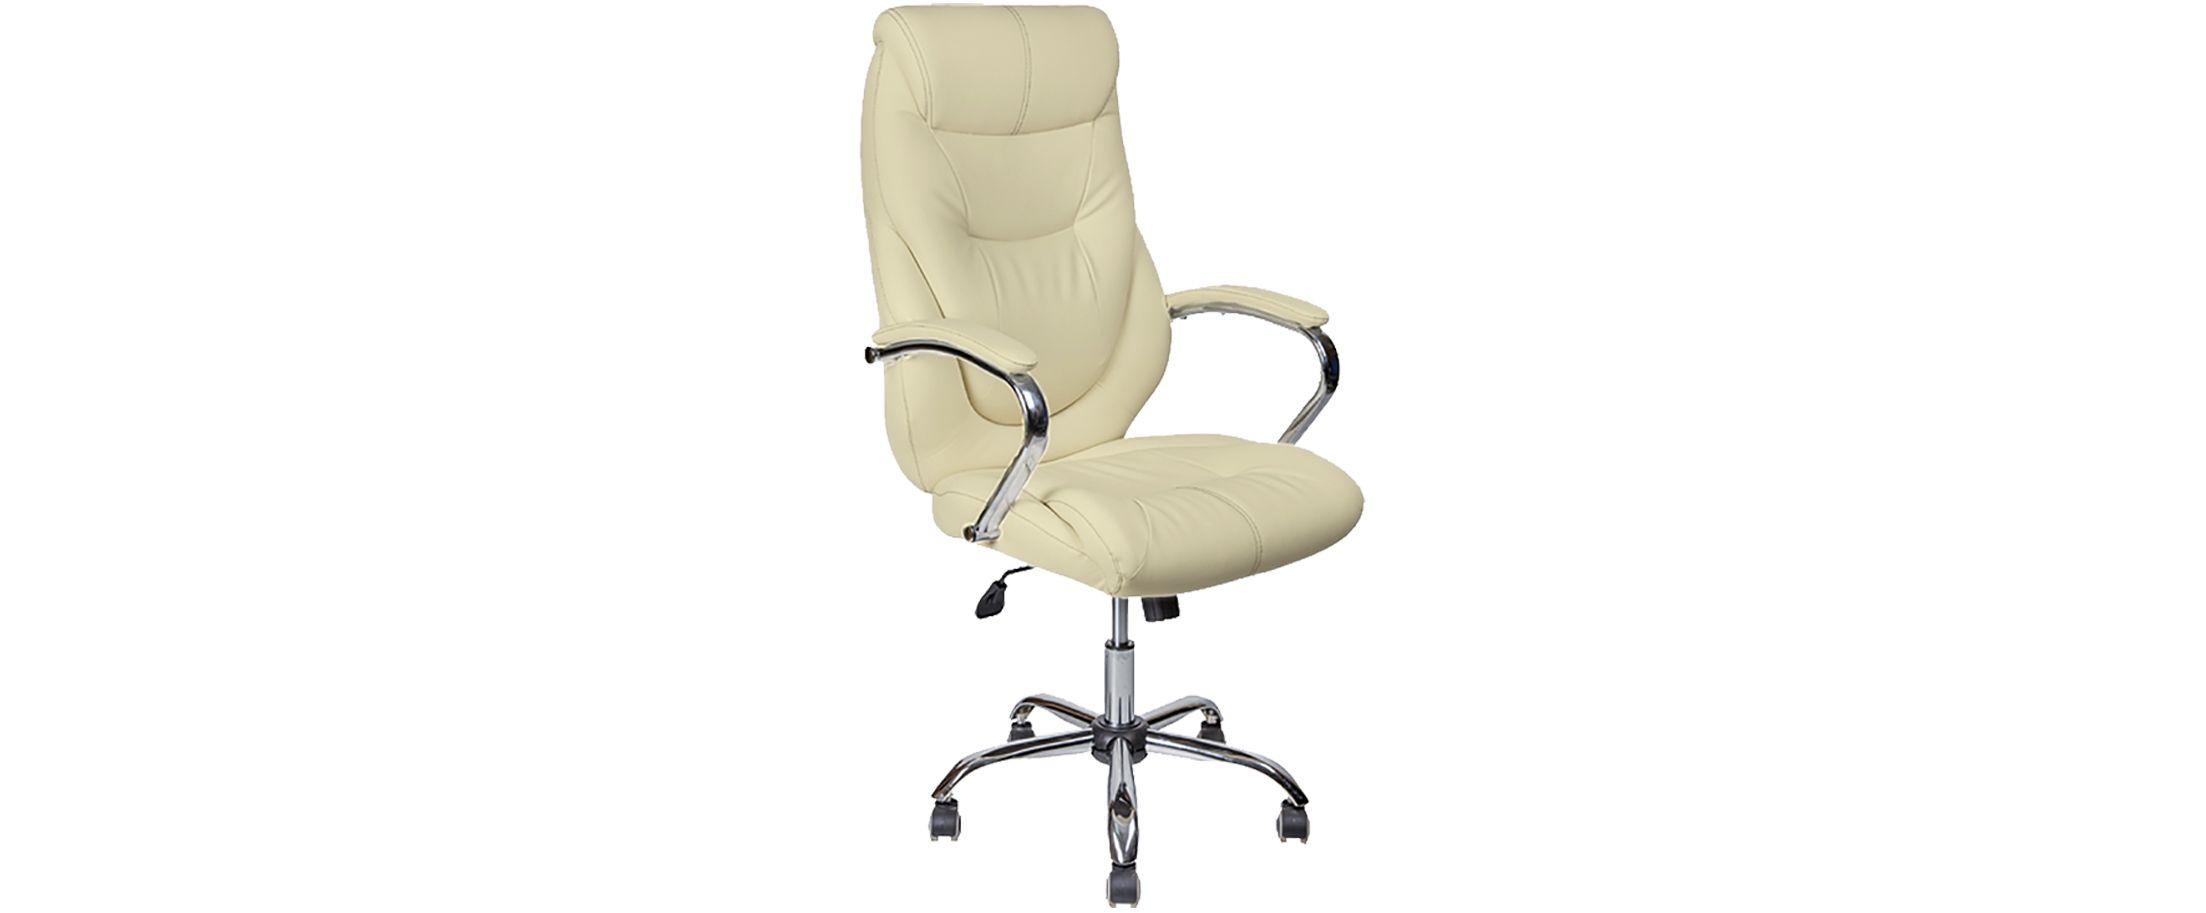 Кресло офисное AV 116 из экокожи цвет слоновая кость Модель 999 от MOON TRADE